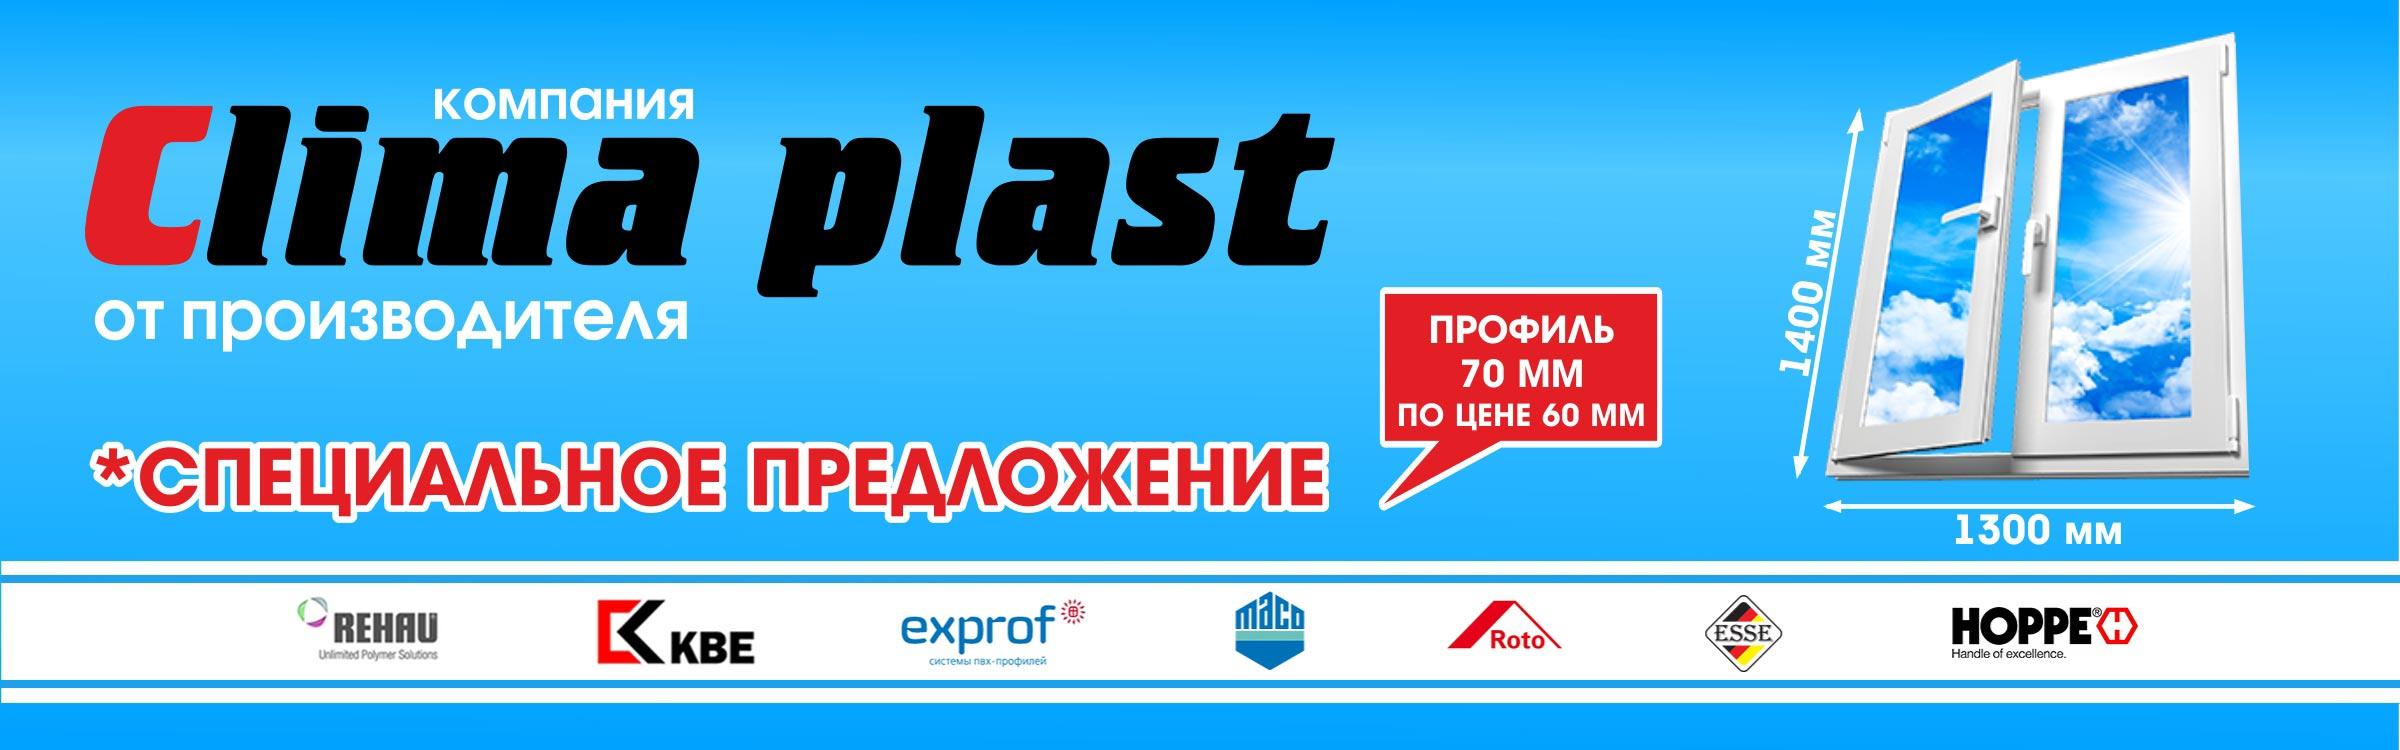 Оконная компания 'Clima Plast - Оконная компания' в Смоленске. Главная страница